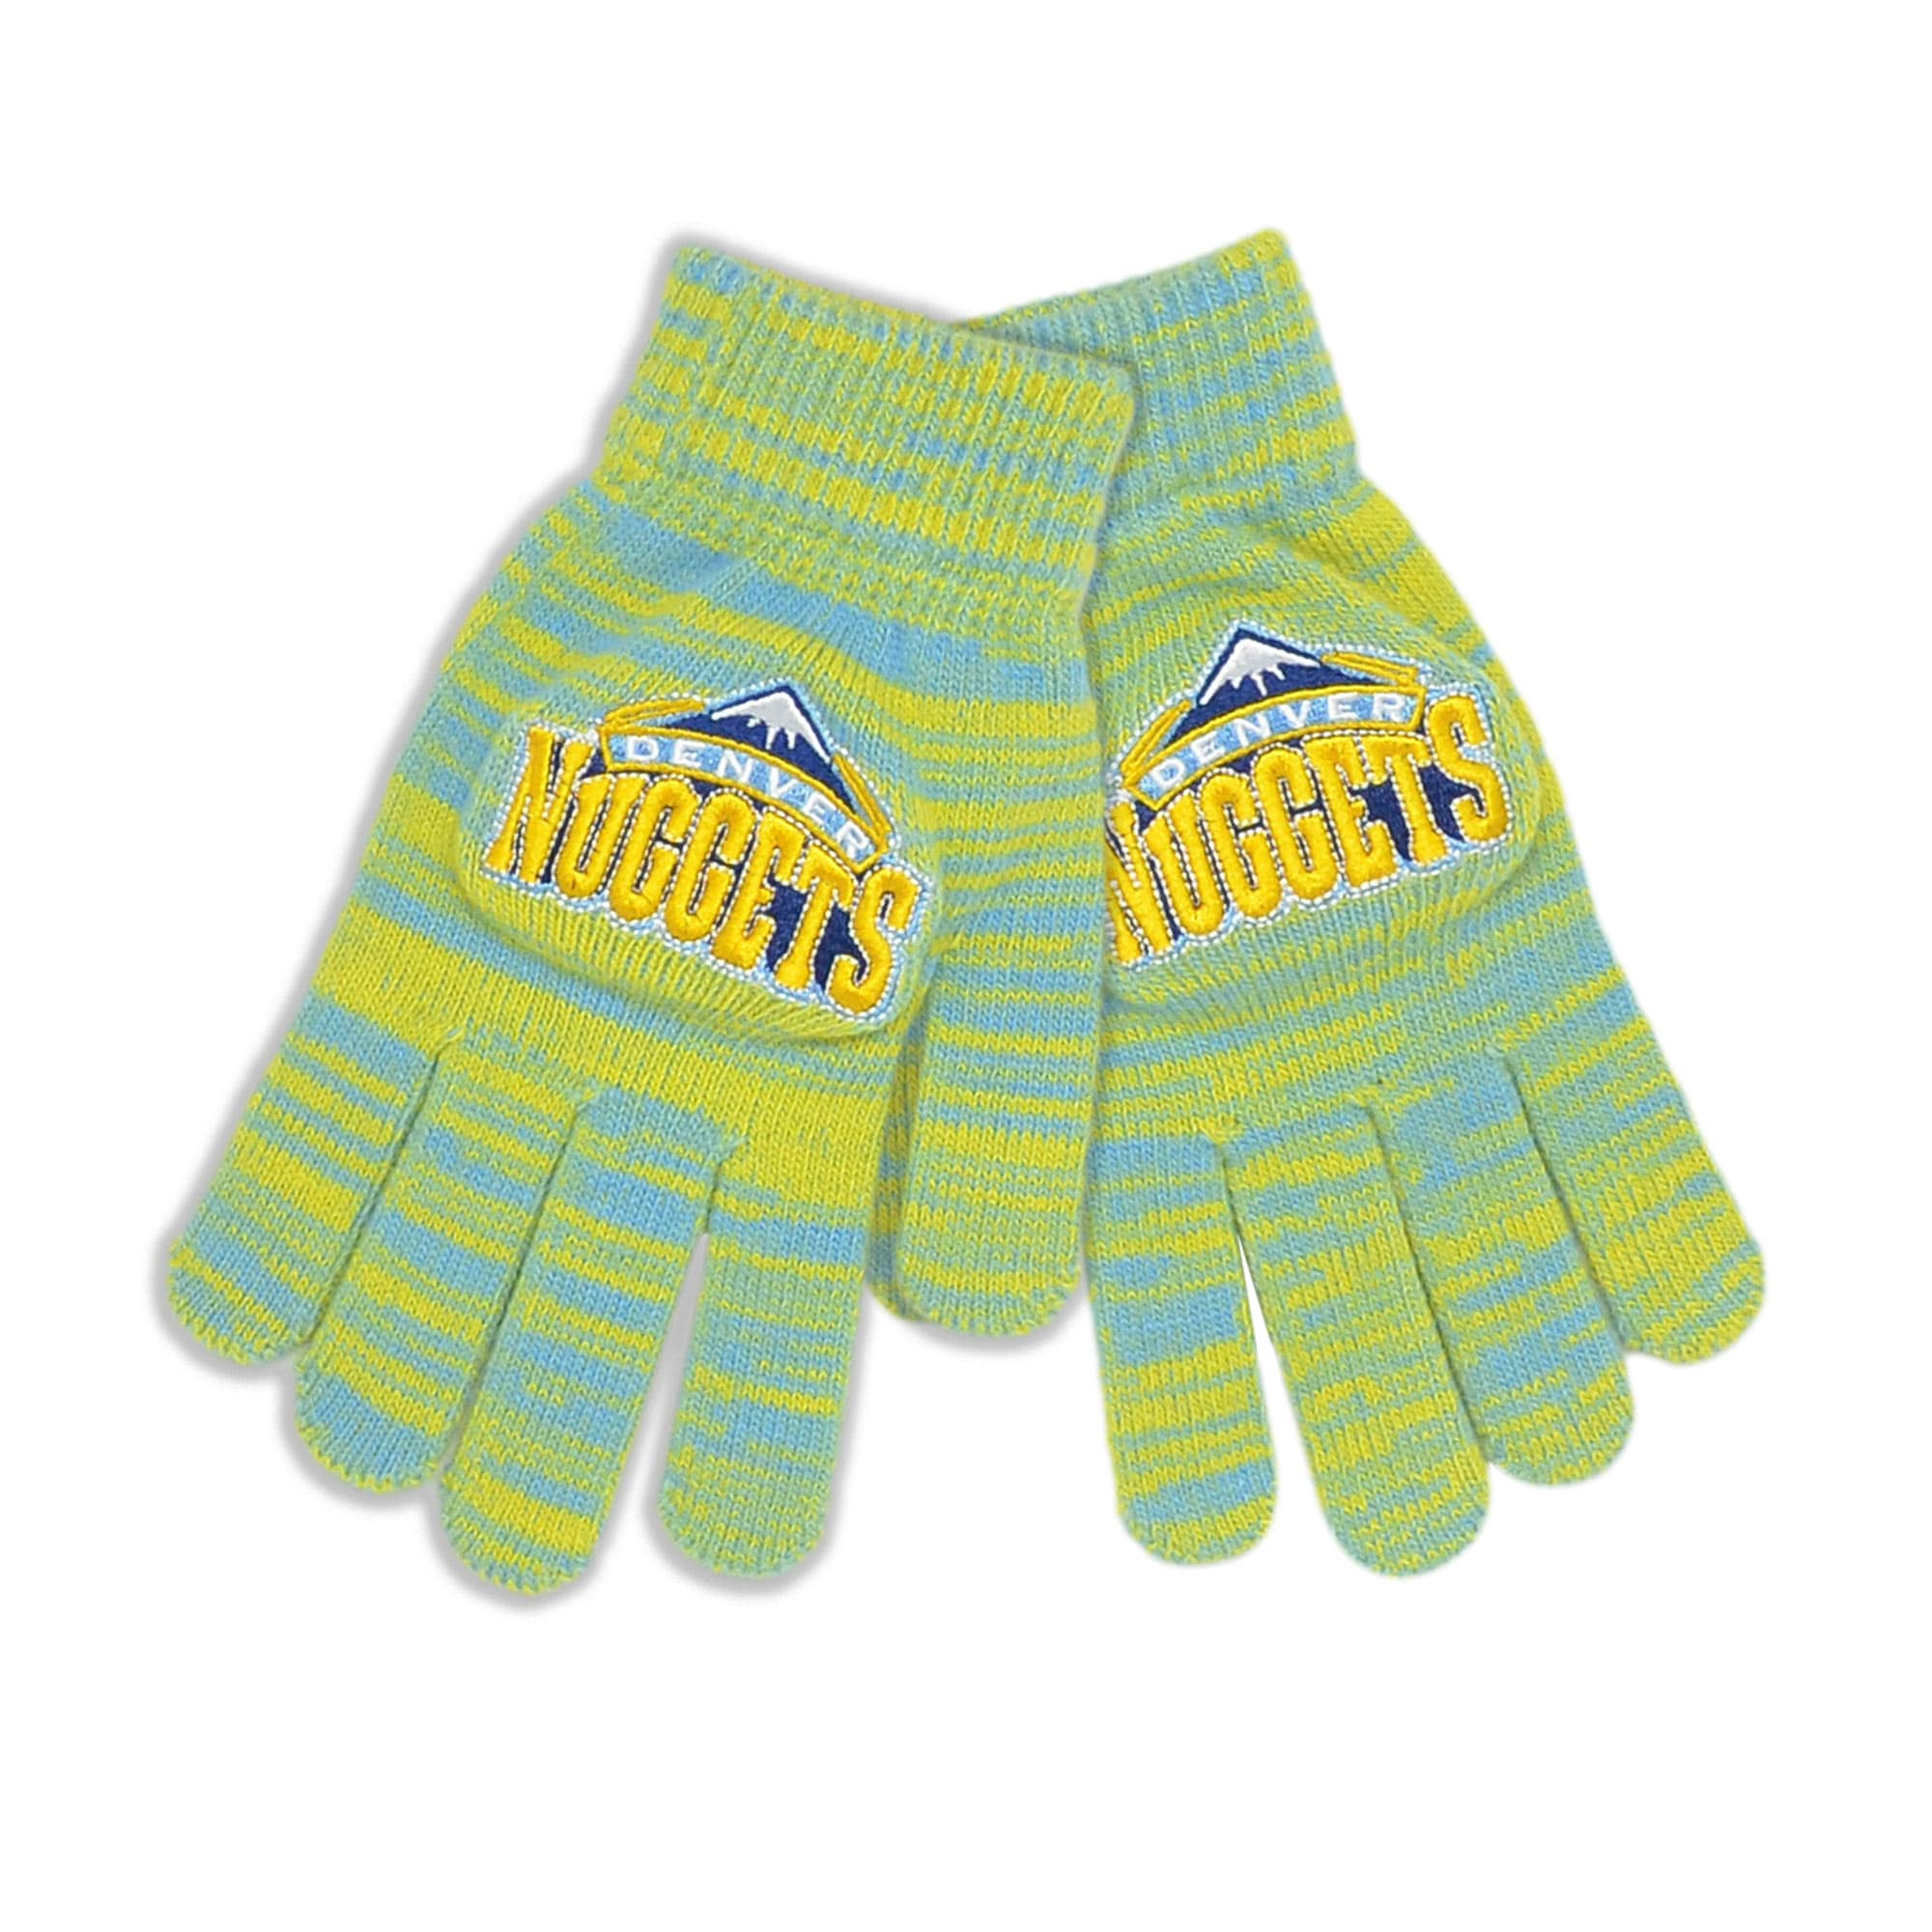 Denver Nuggets Colorblend Gloves